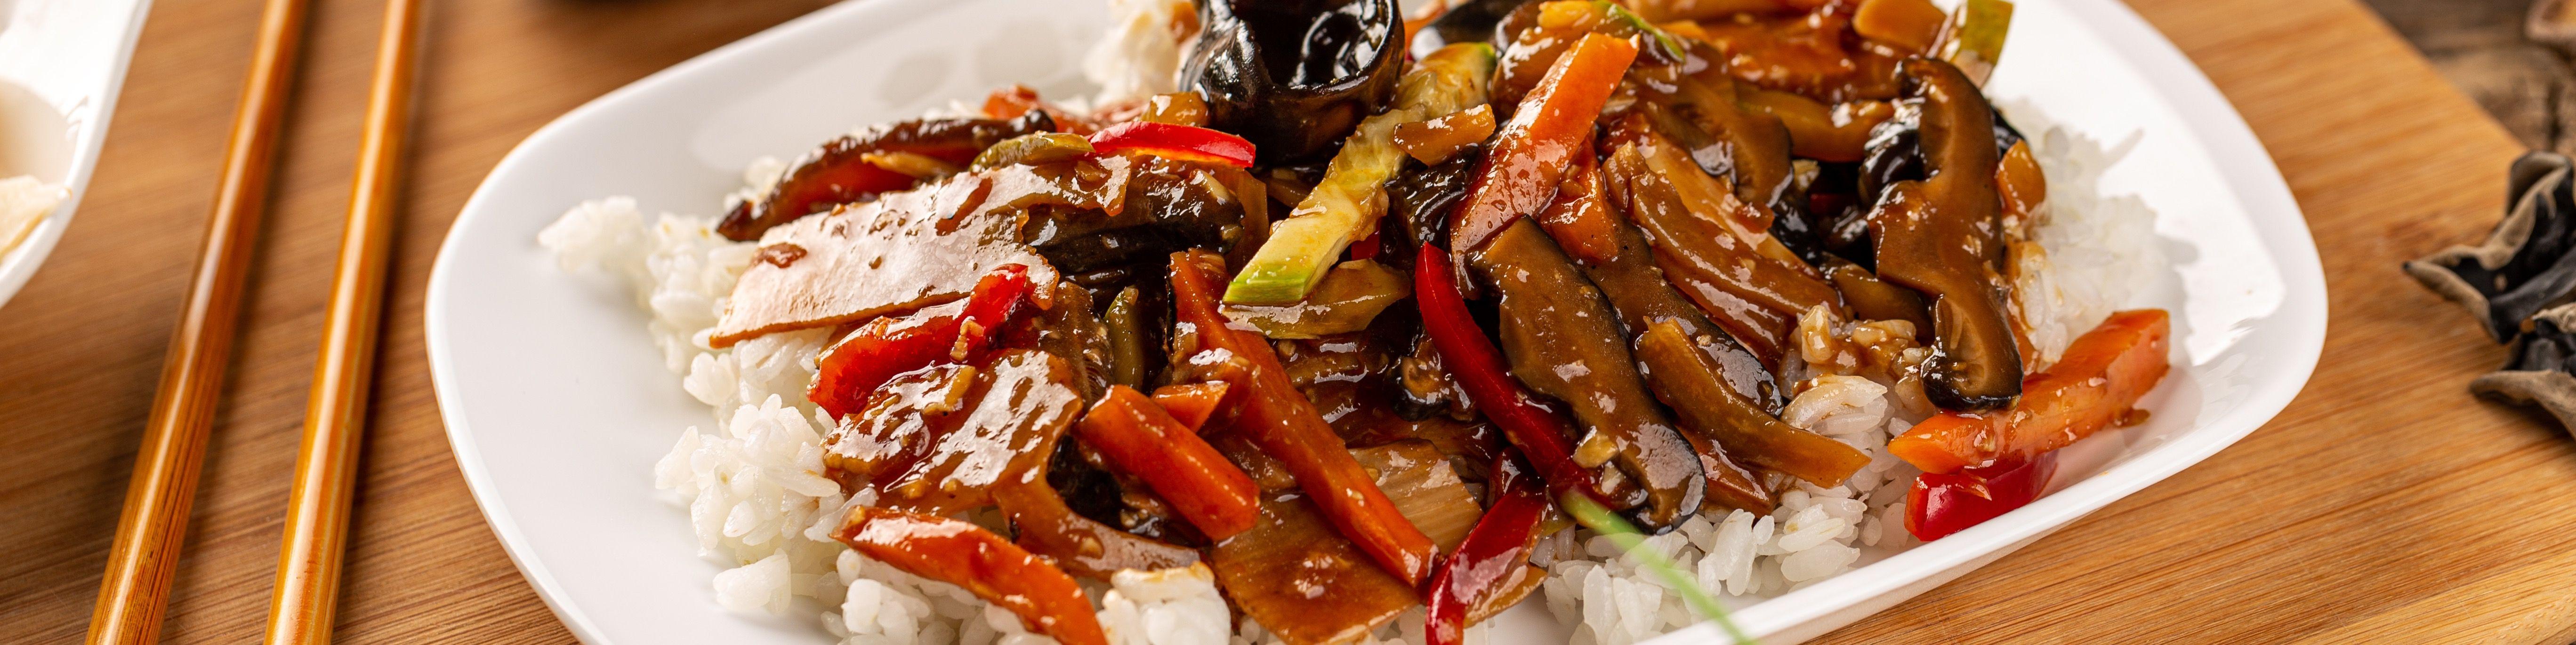 Titelbild von Peking-Ente Grill